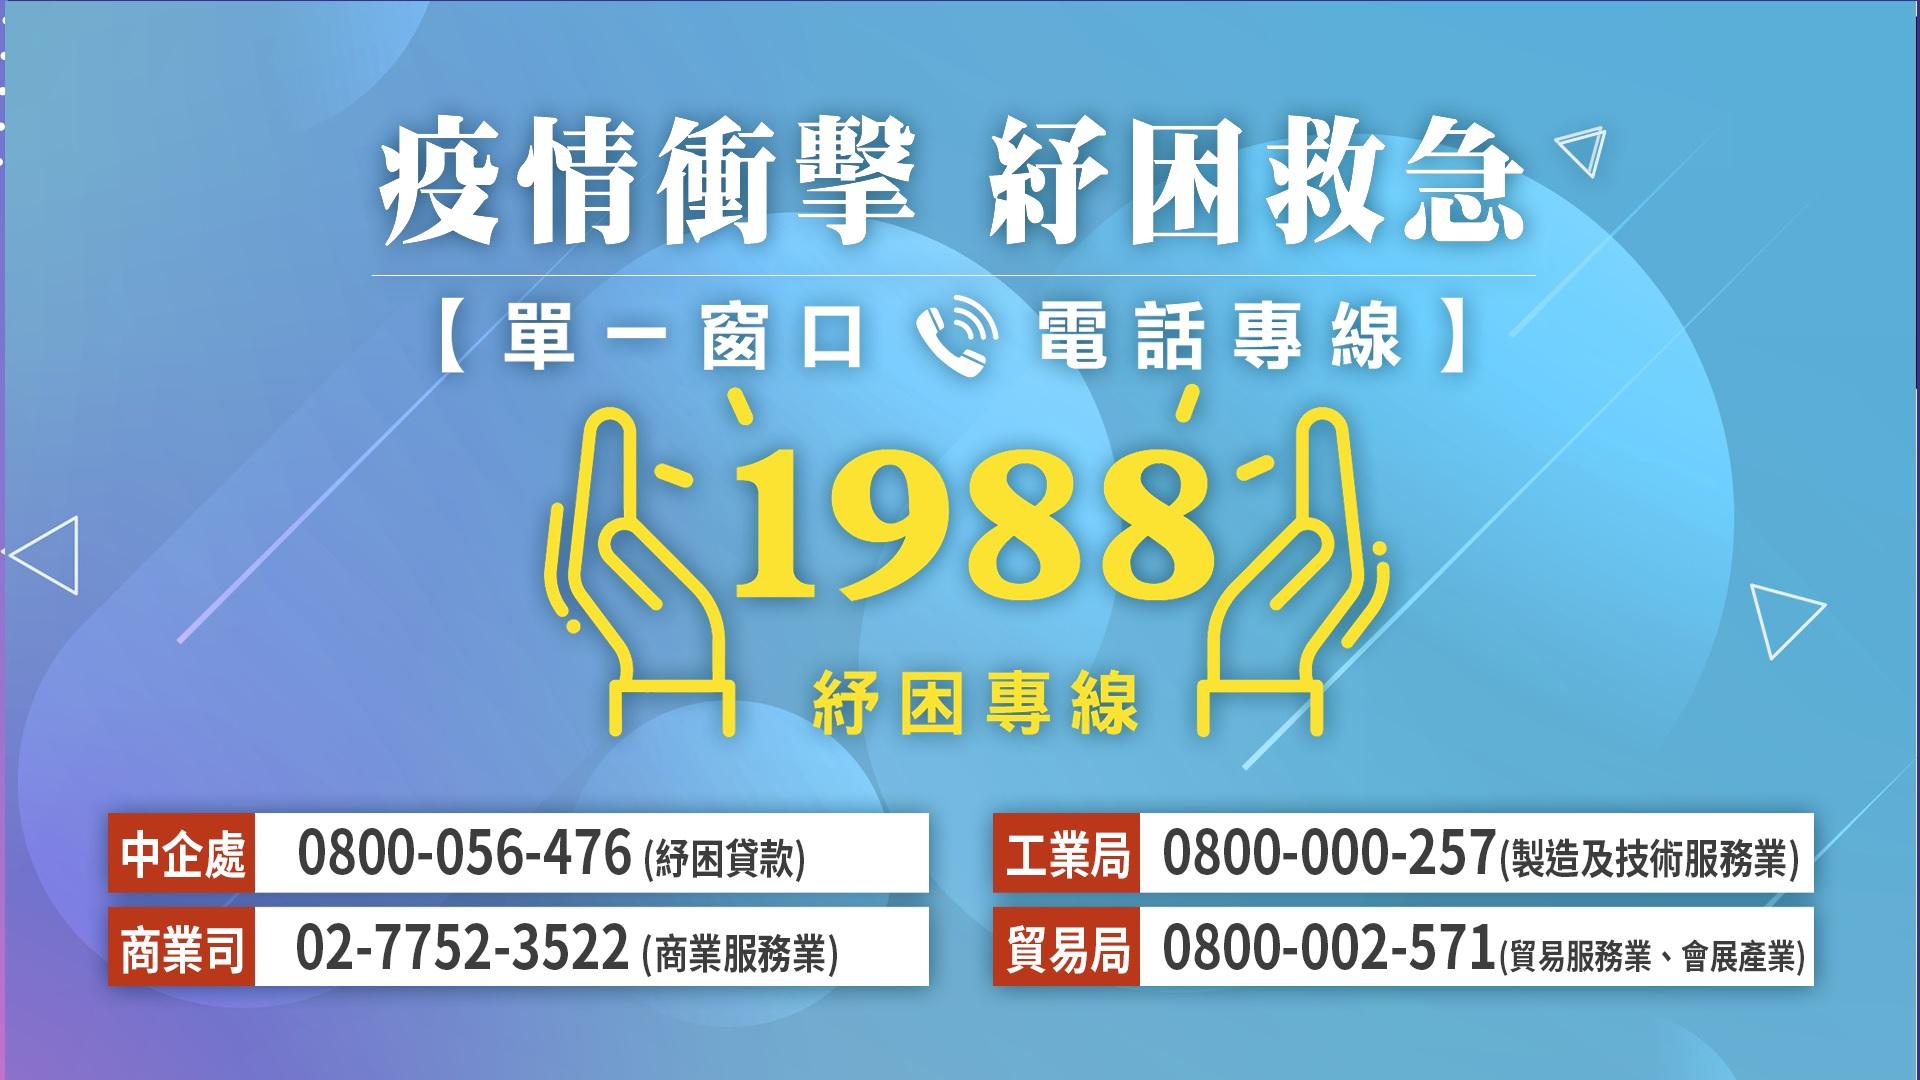 疫情衝擊,紓困救急。單一窗口電話專線。1988紓困專線。